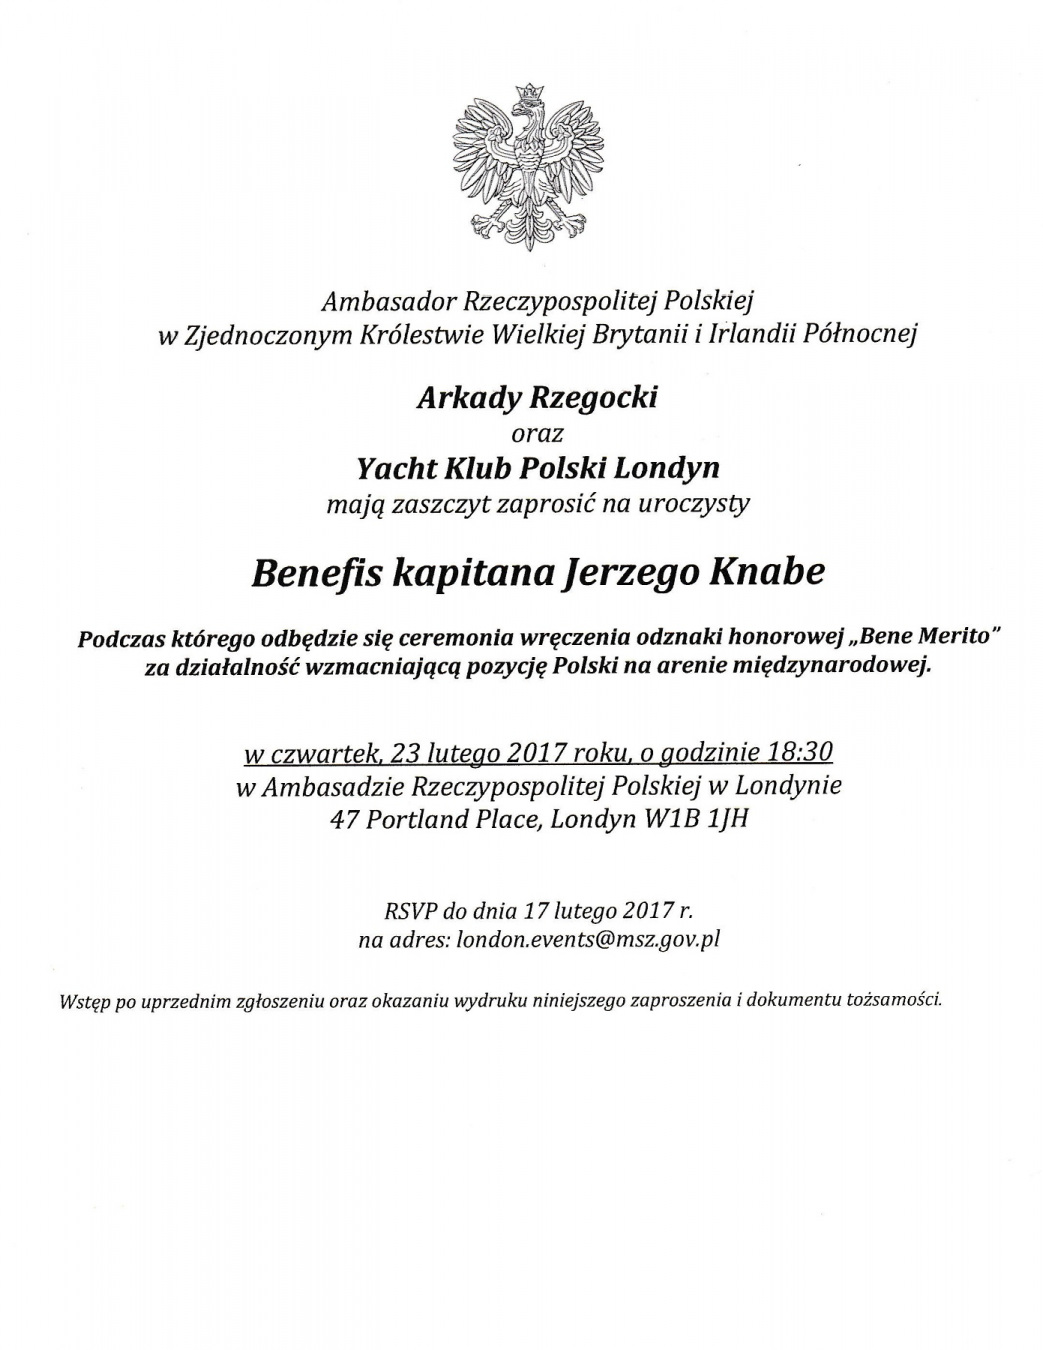 BeneMerito-Jerzego-Knabe